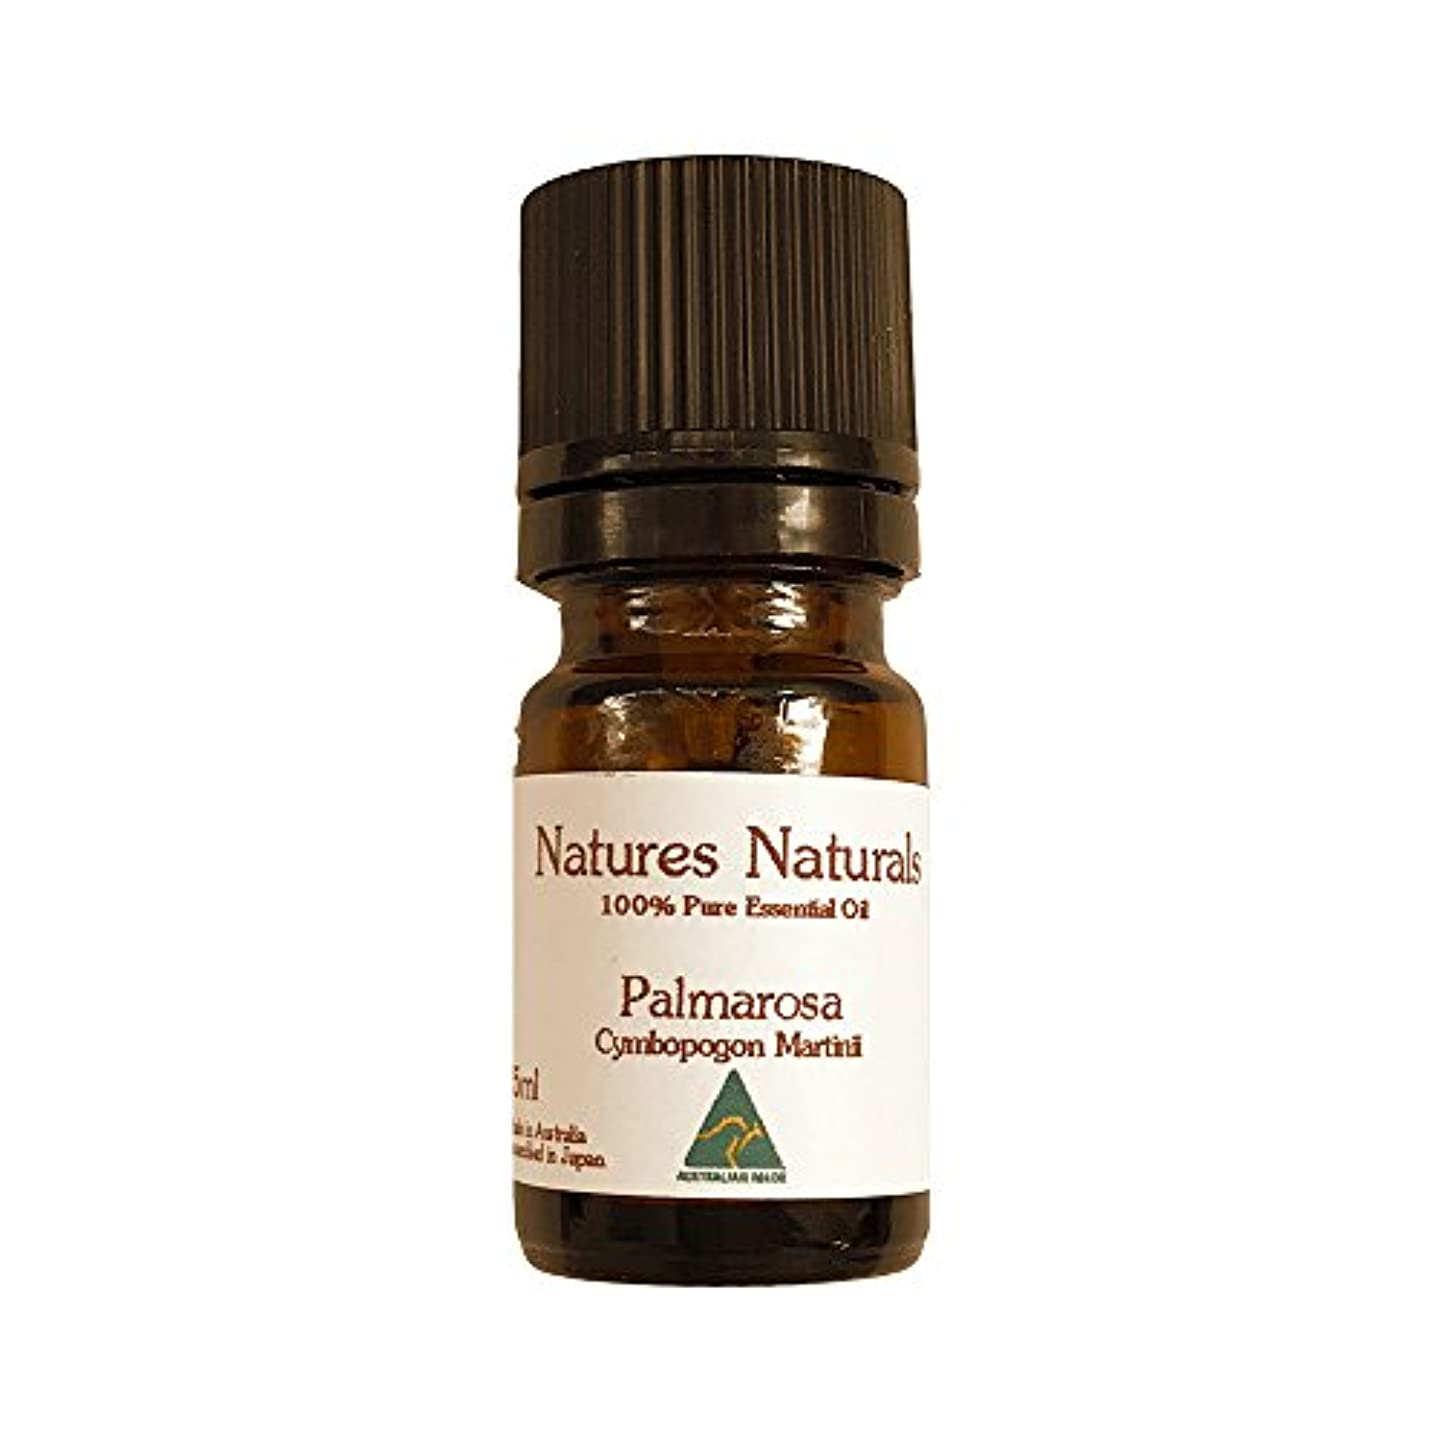 ネーピアハプニングそれに応じてパルマローザ エッセンシャルオイル 100% 精油 5ml